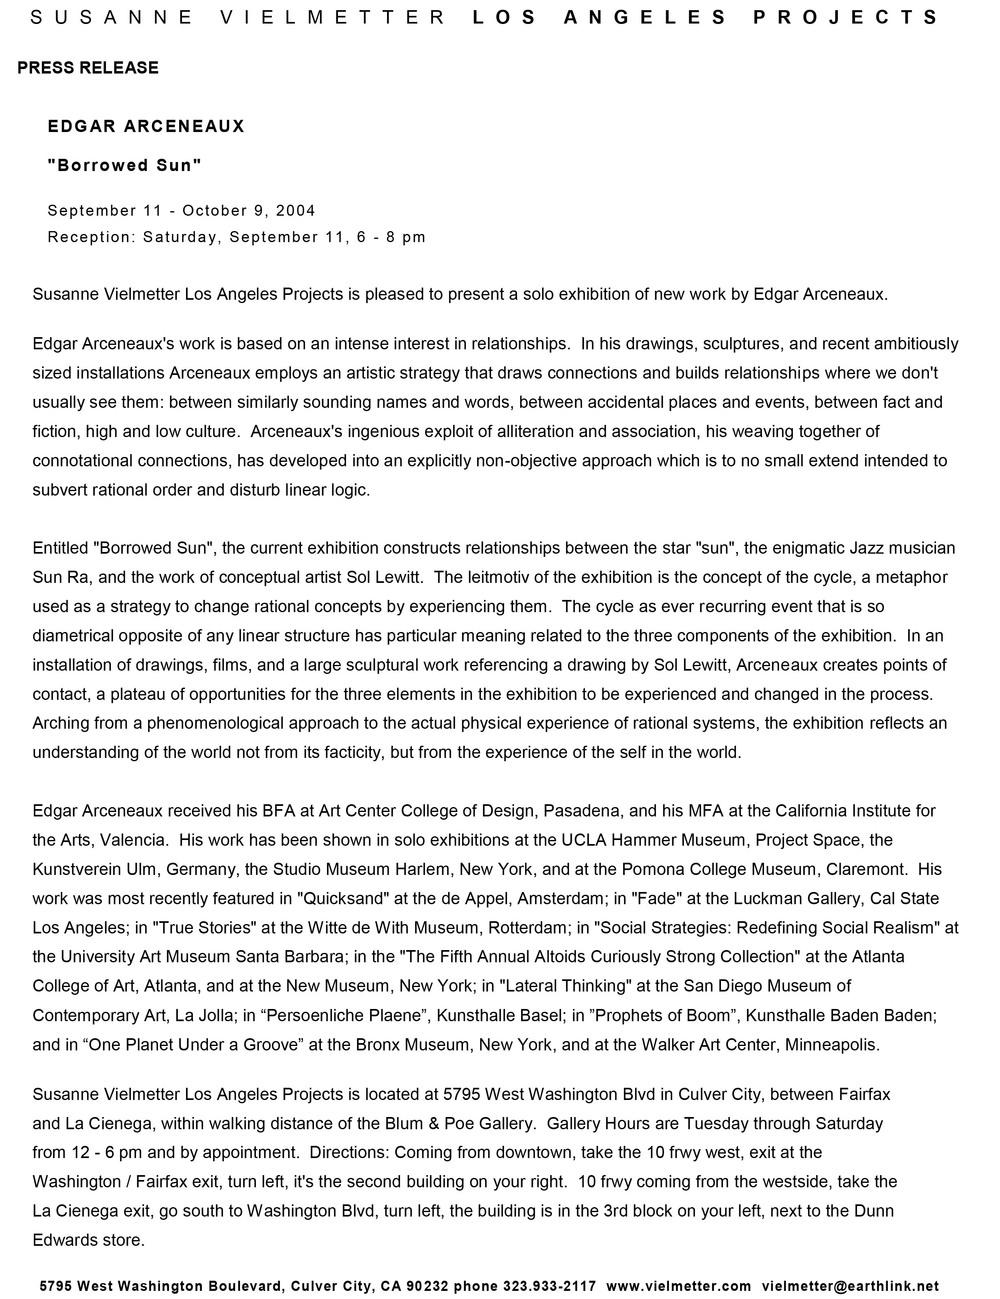 b sun press release.jpg